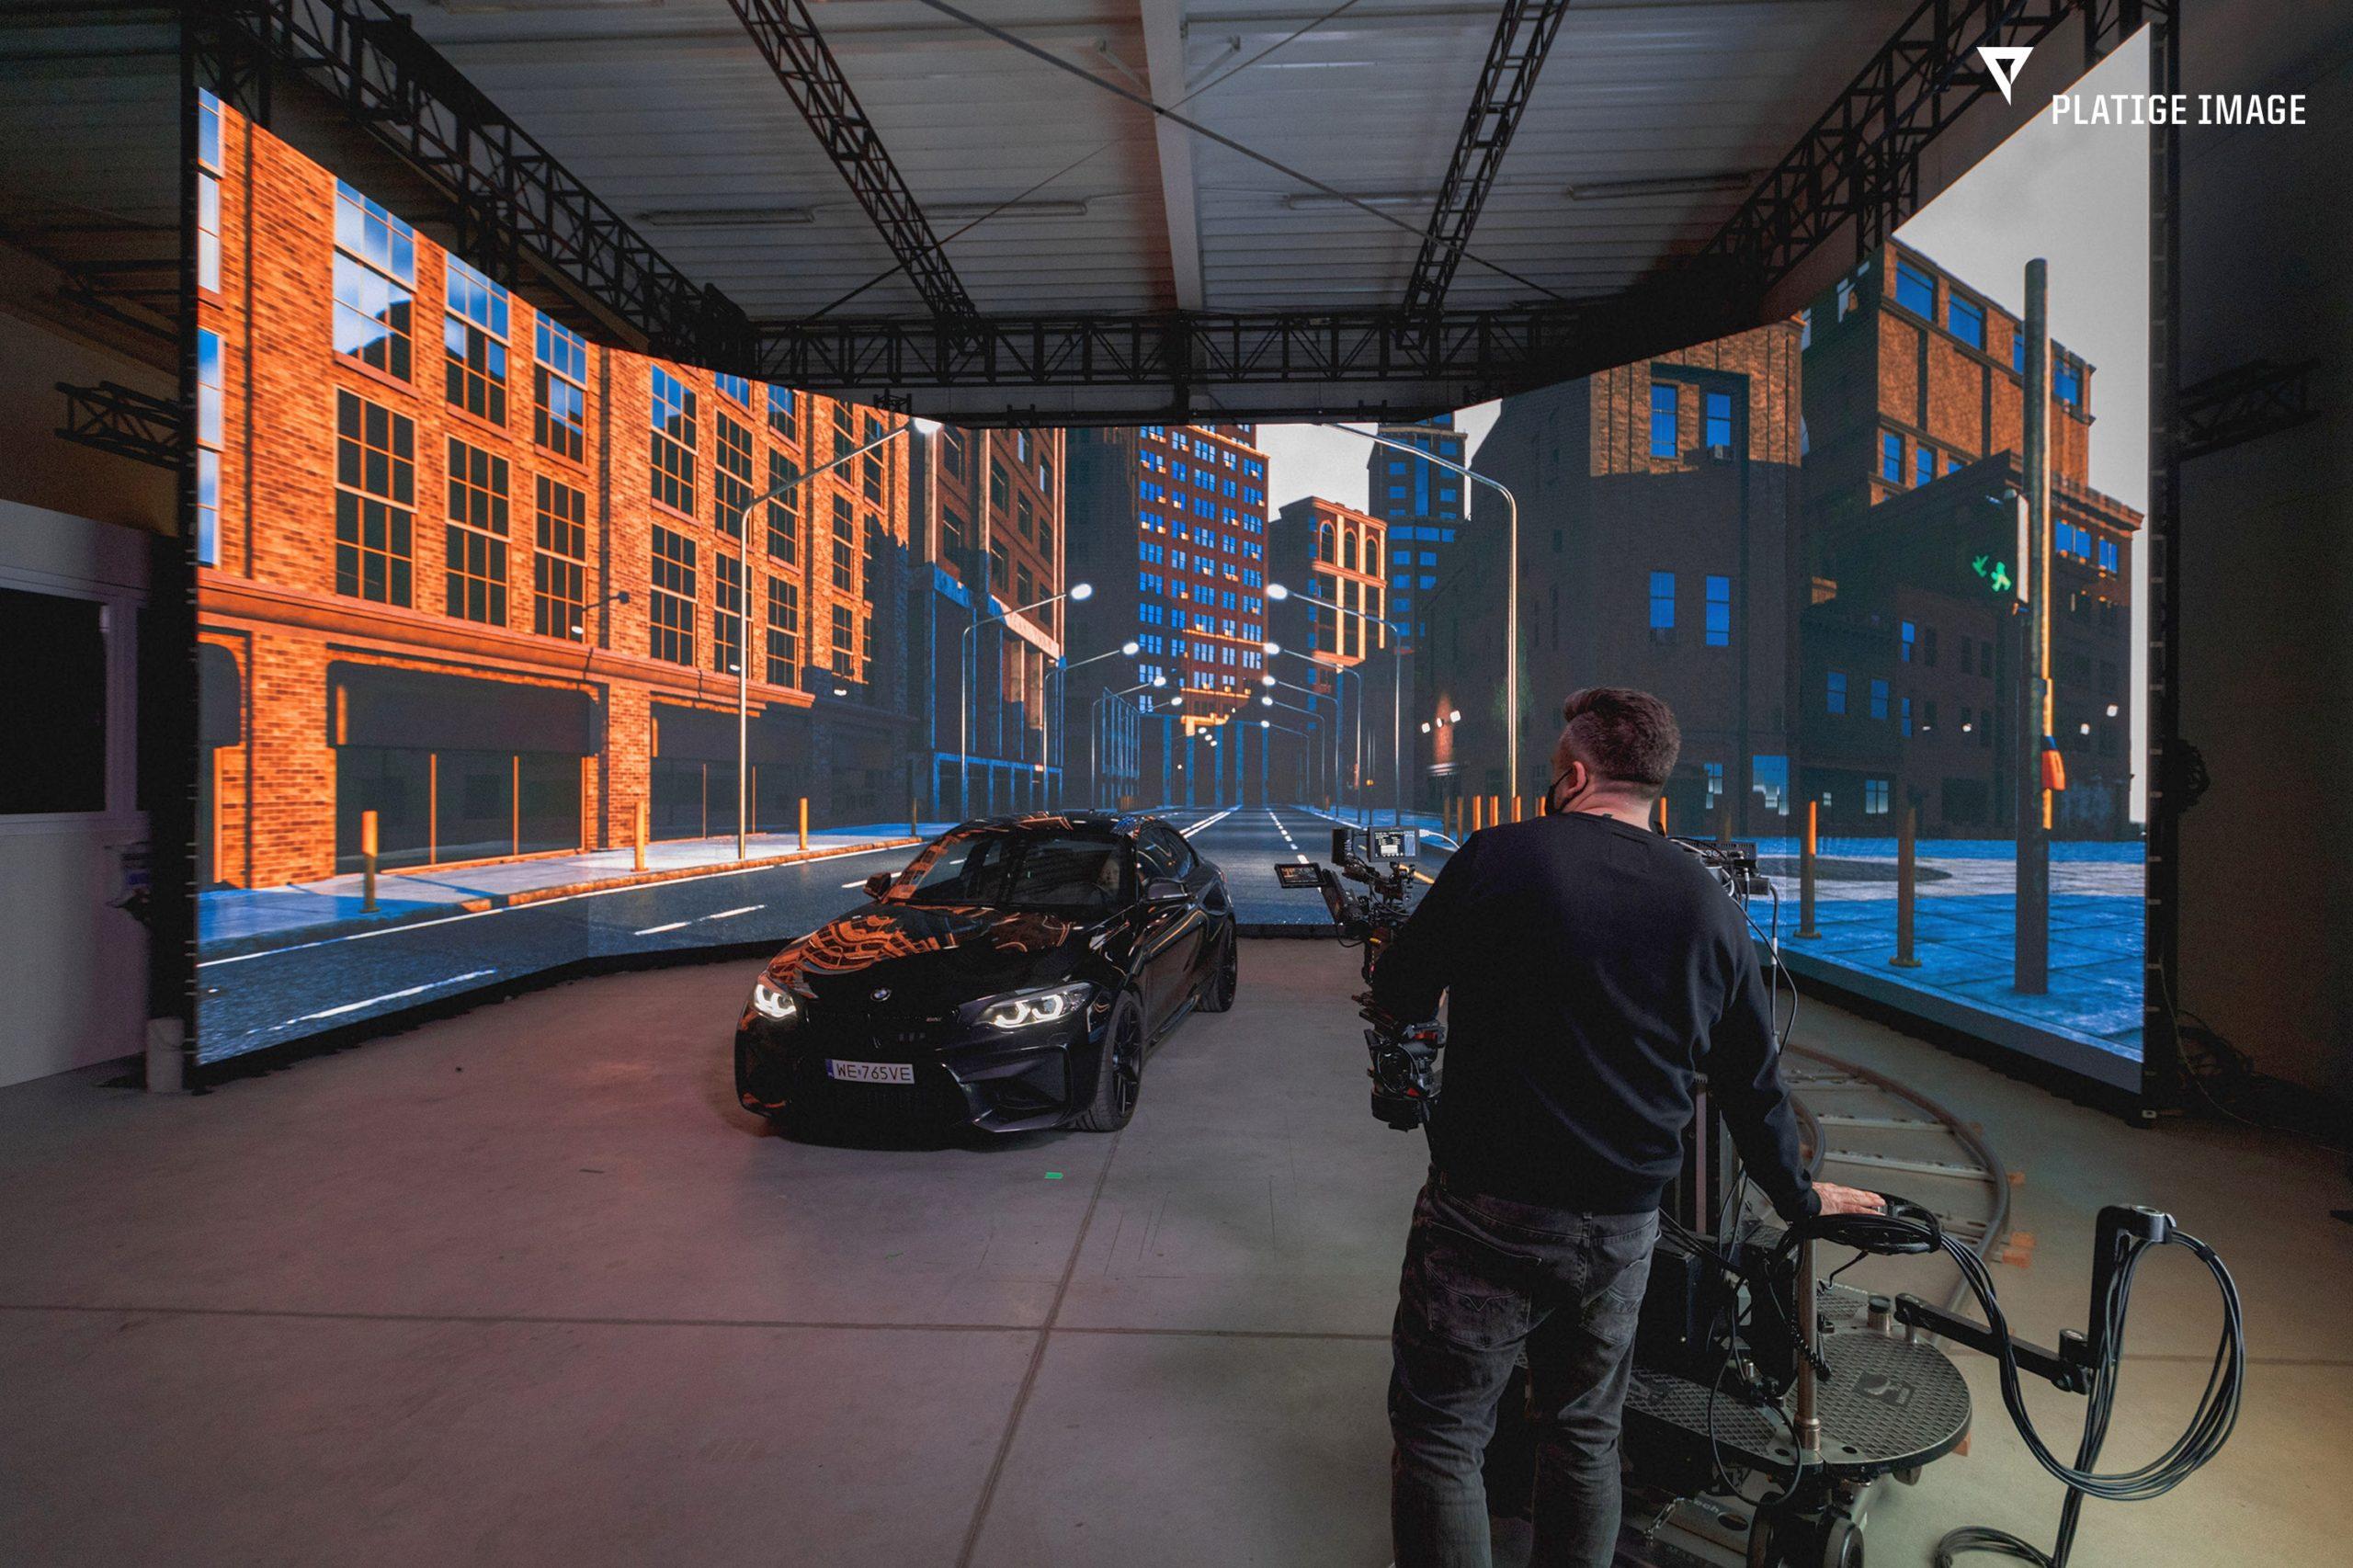 virtual-set-platige-image-wirtualne-scenografie-tytul